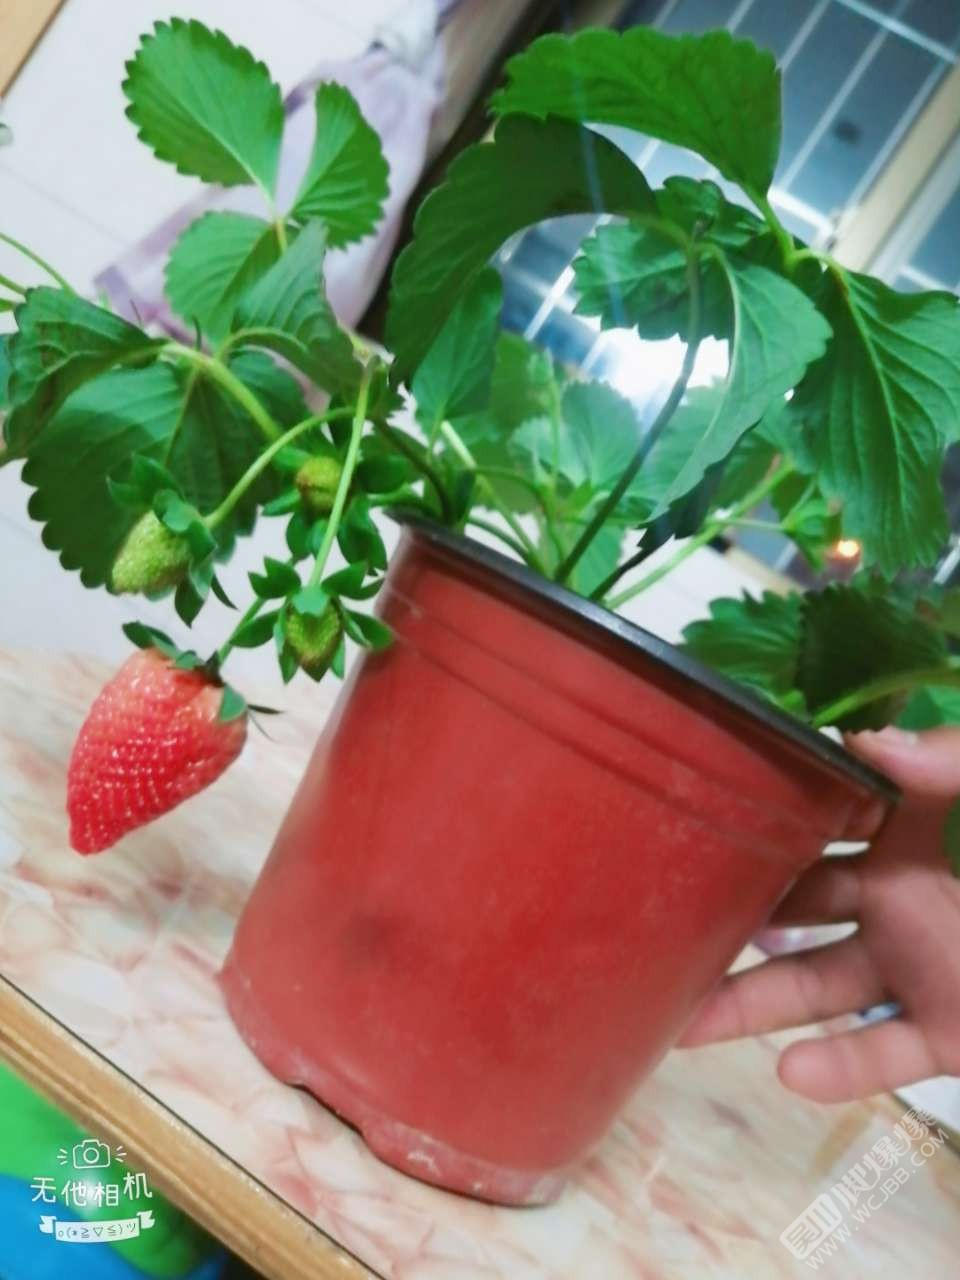 有人來我家吃草莓么